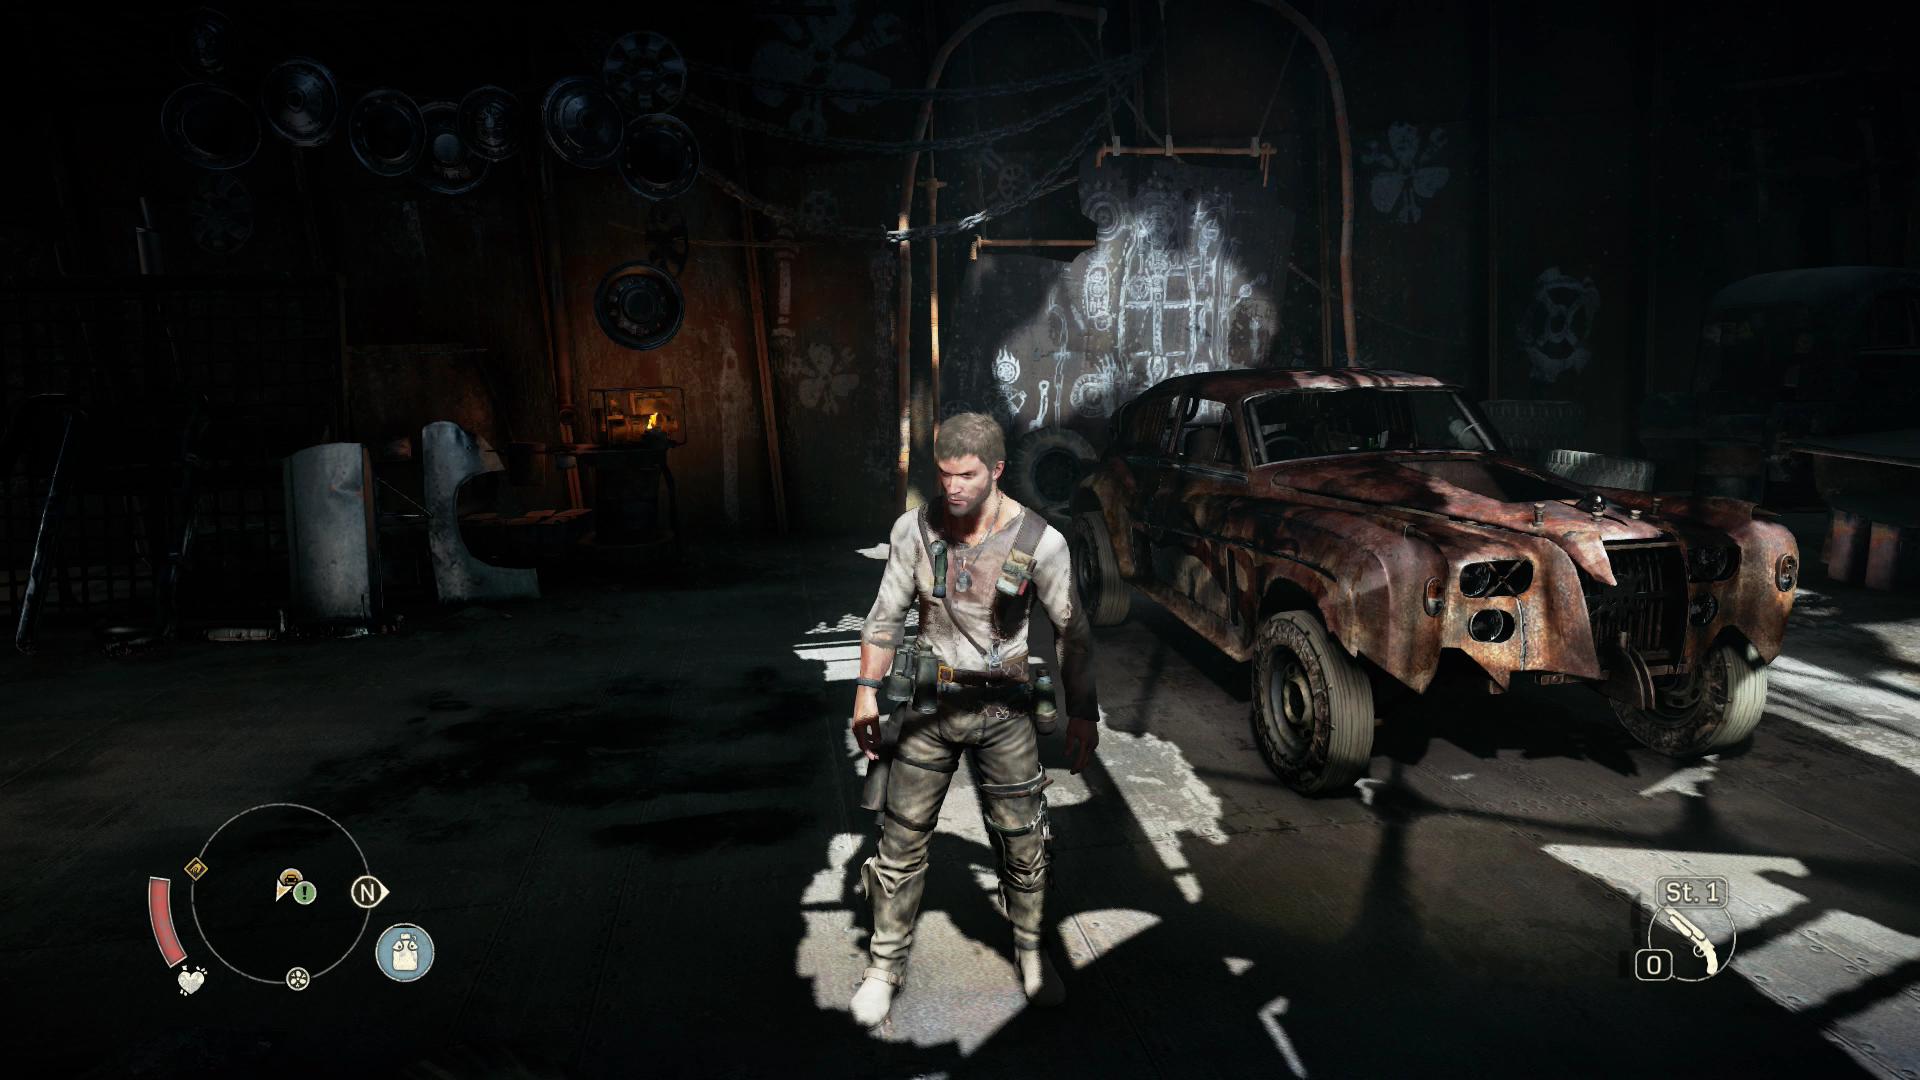 Mad Max im Test: Sandbox voll mit schönem Schrott - In der Werkstatt von Chum herrscht organisiertes Chaos. (Screenshot: Golem.de)